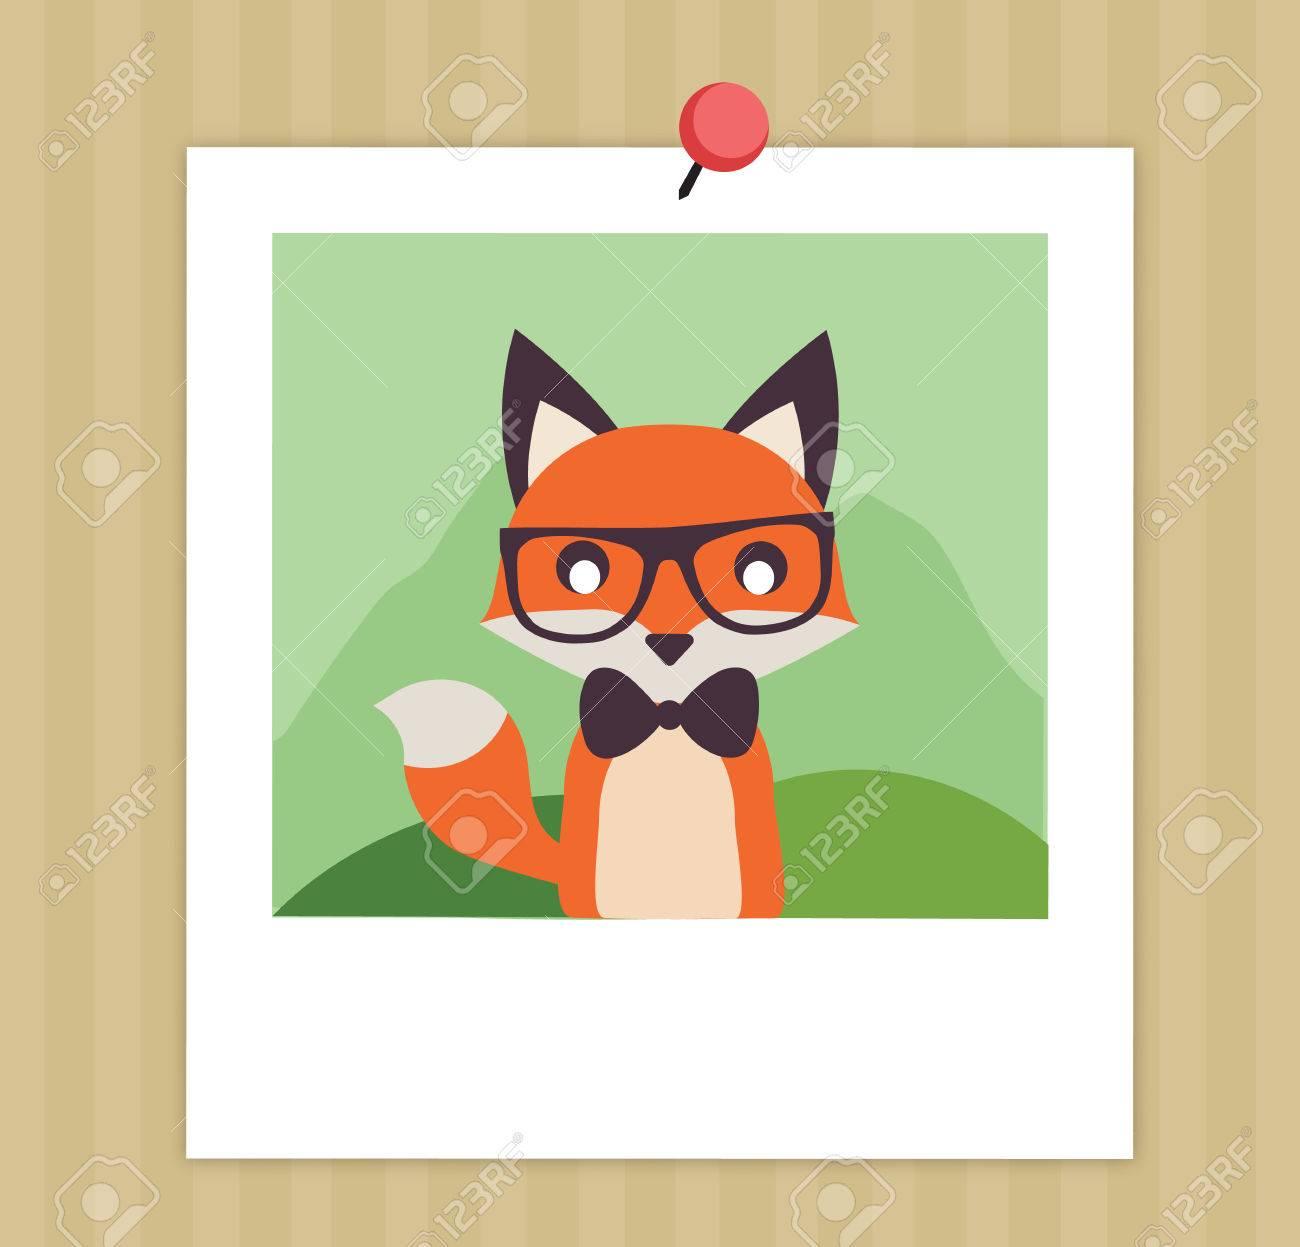 vintage cute fox in polaroid vector stock illustration flat rh 123rf com